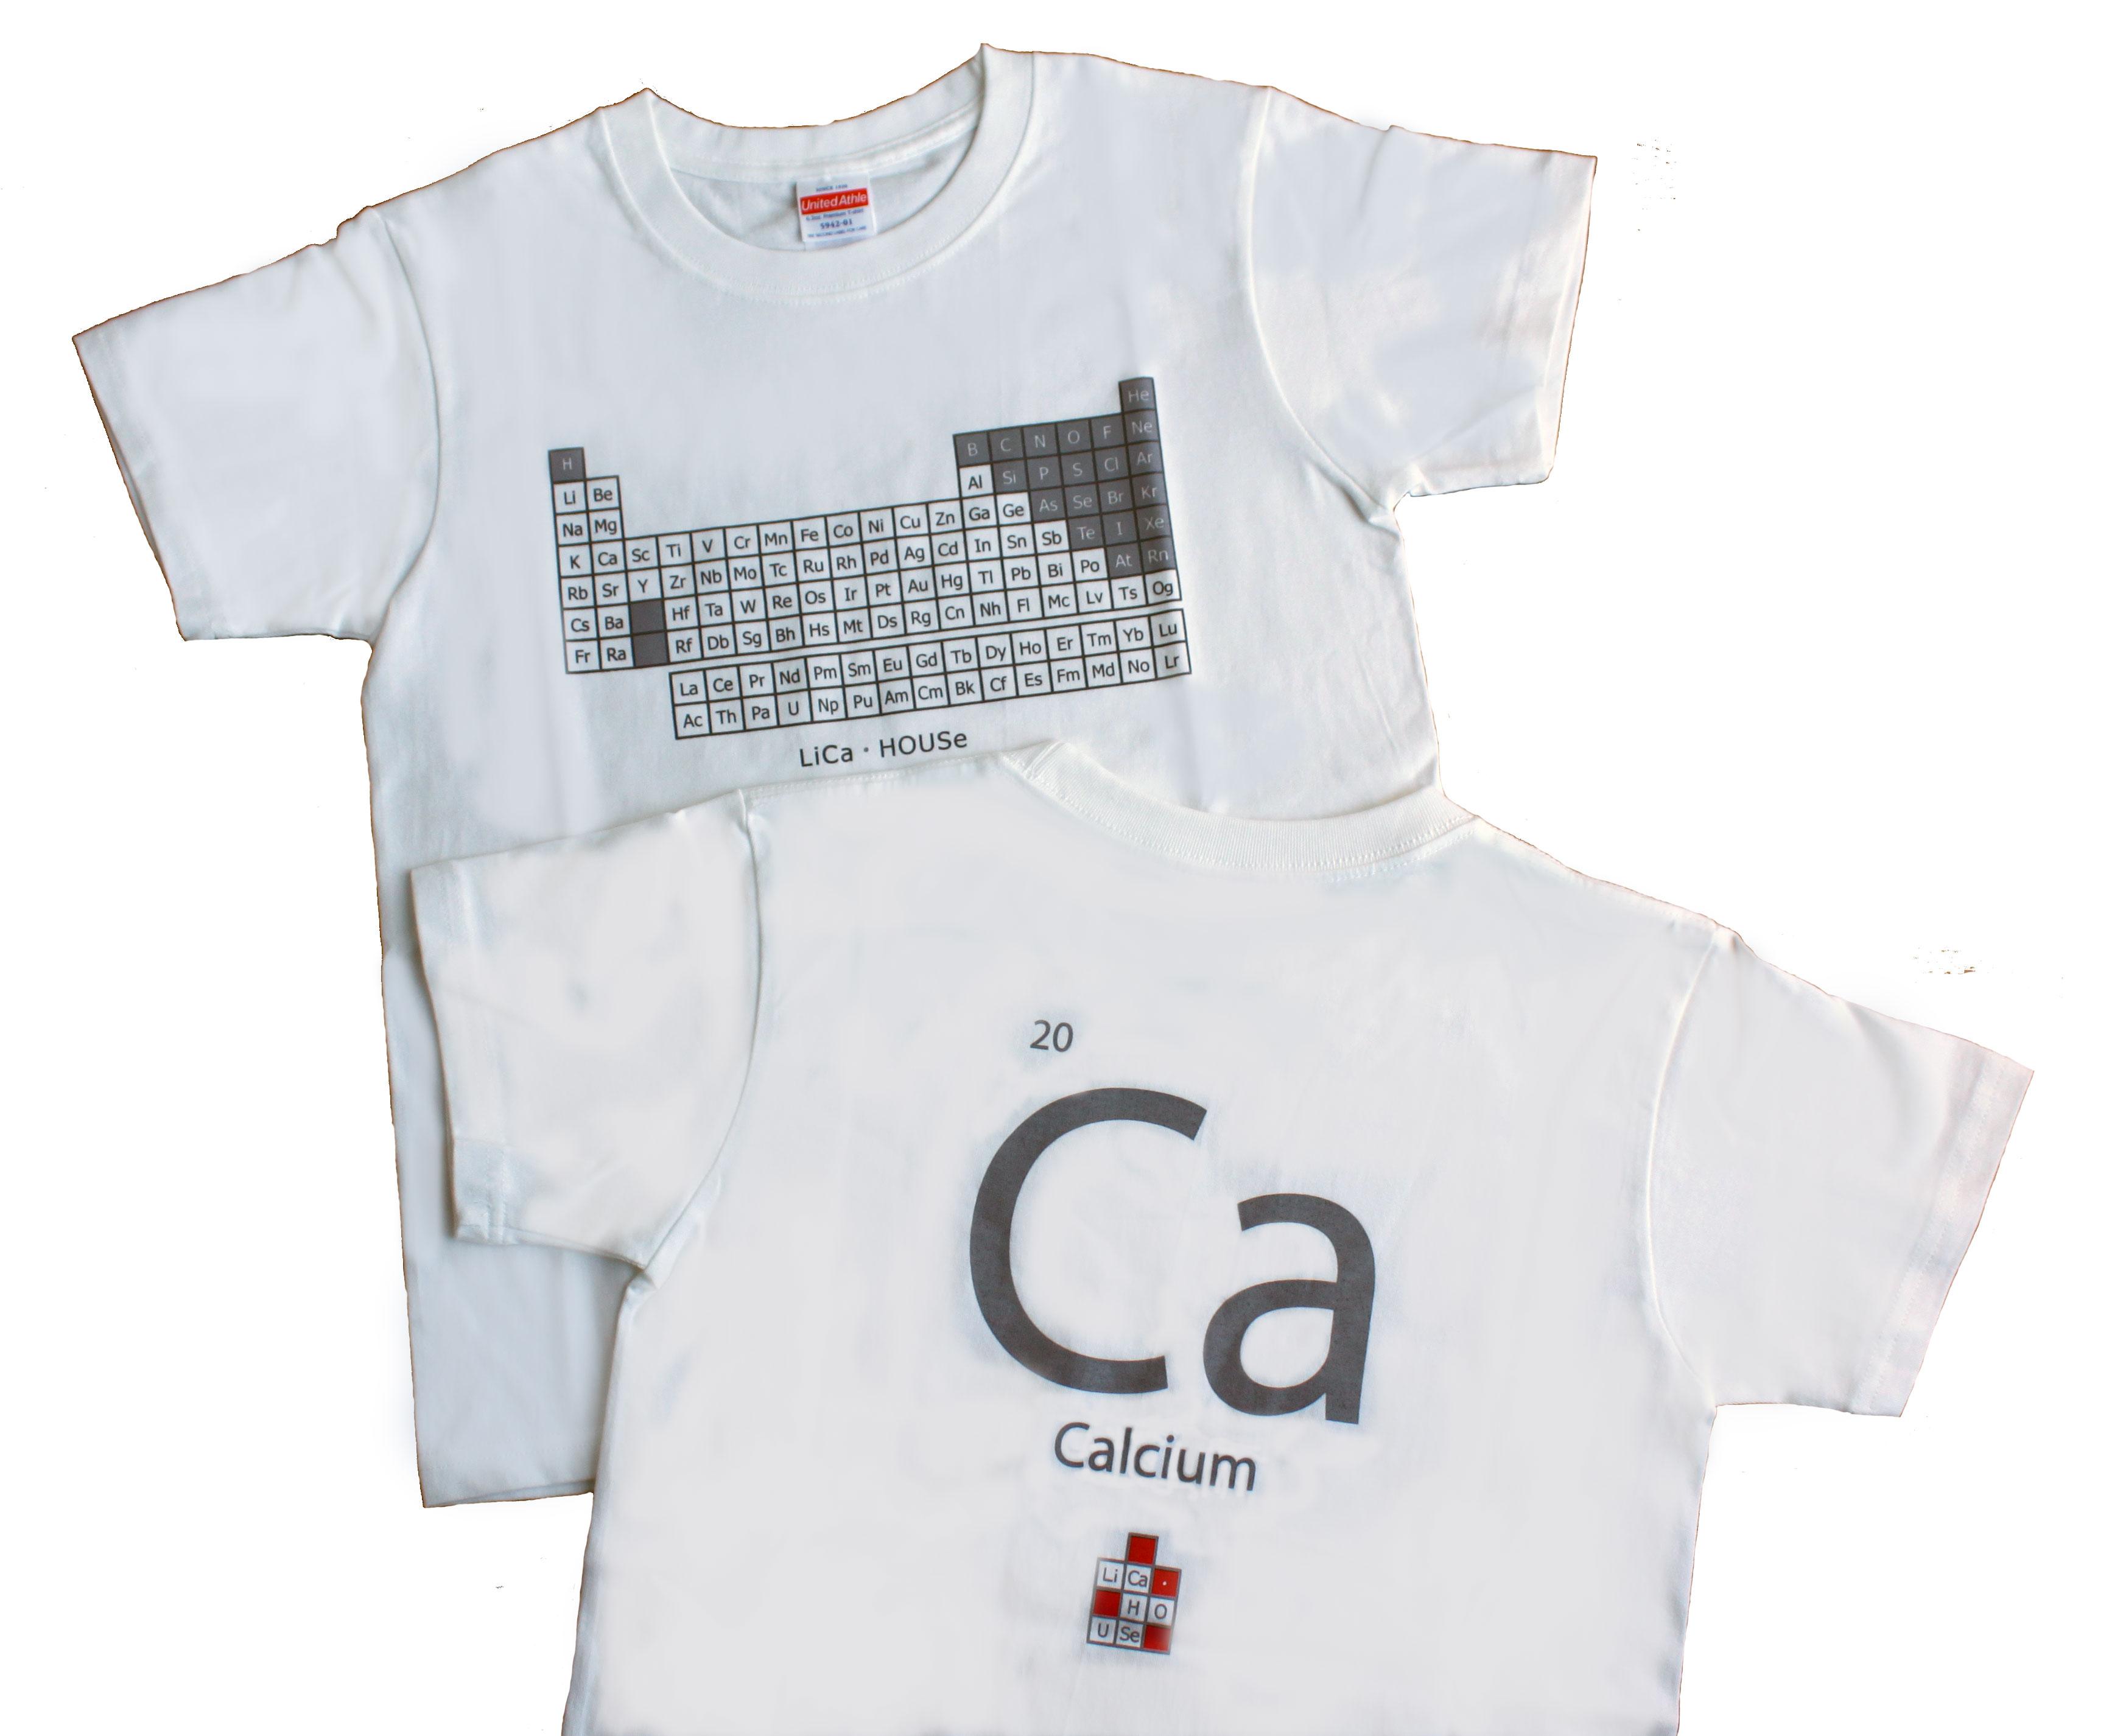 バックはCa(カルシウム)の元素記号